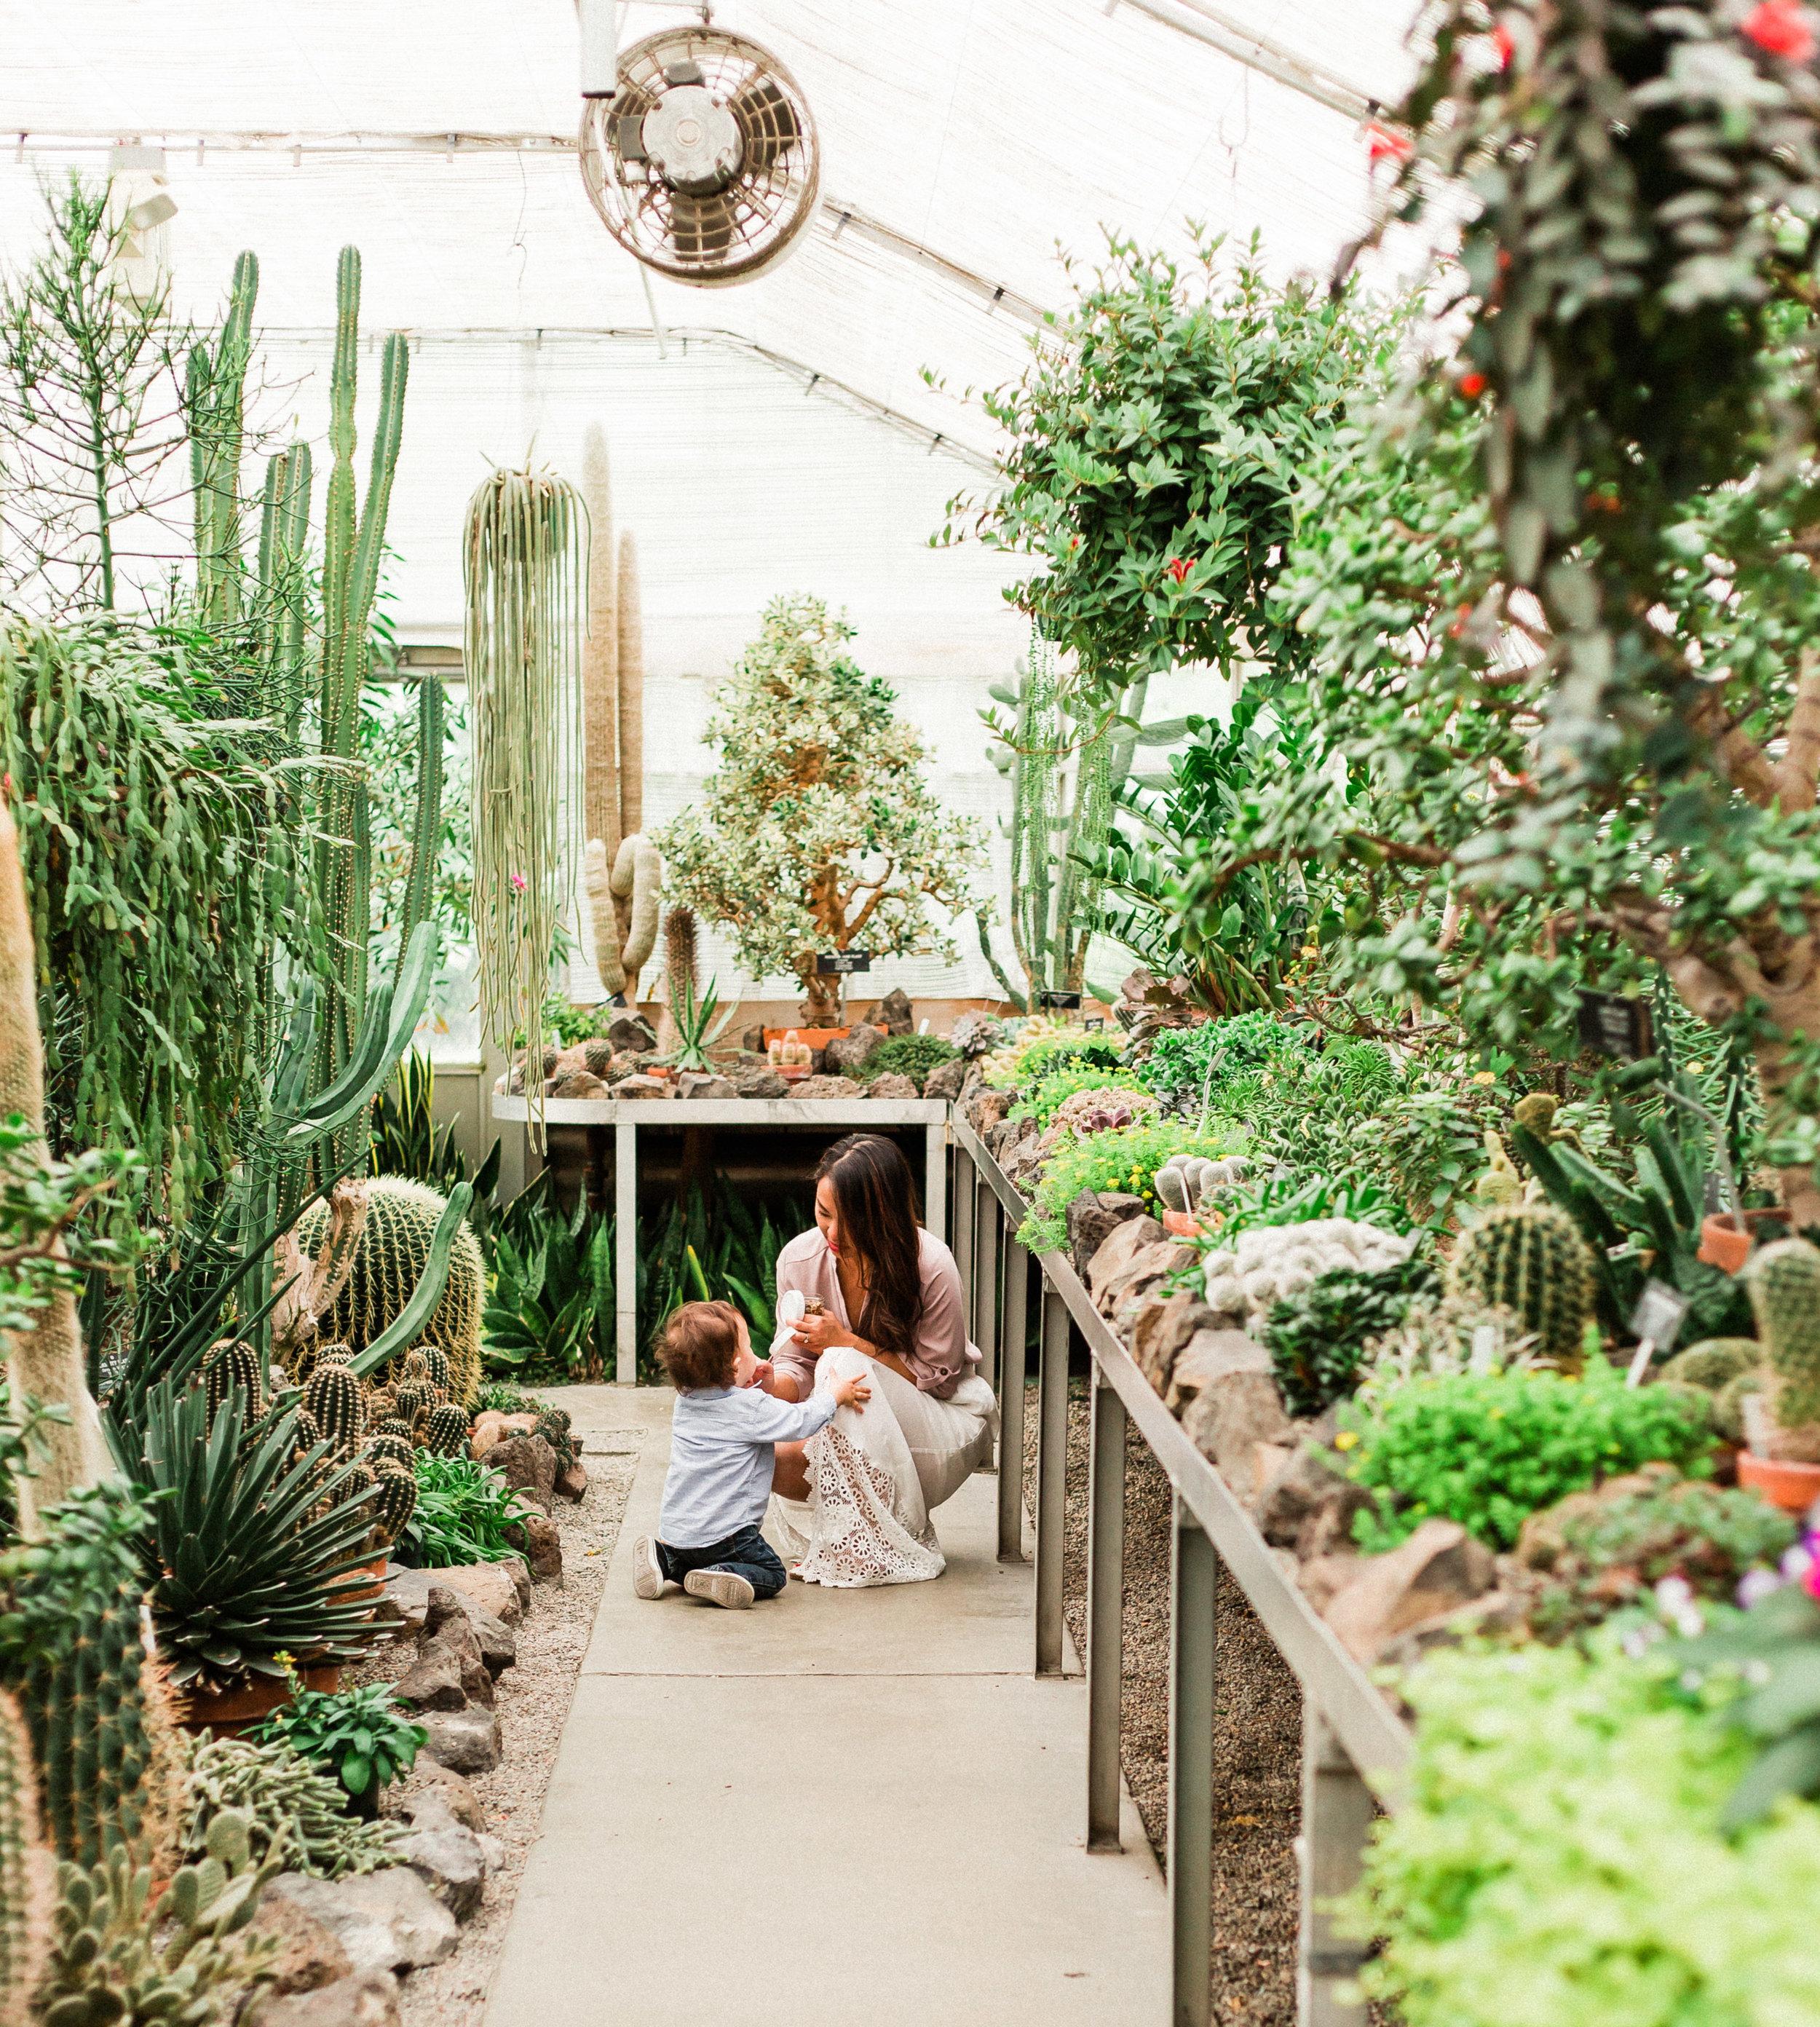 Gaiser Conservatory photo shoot